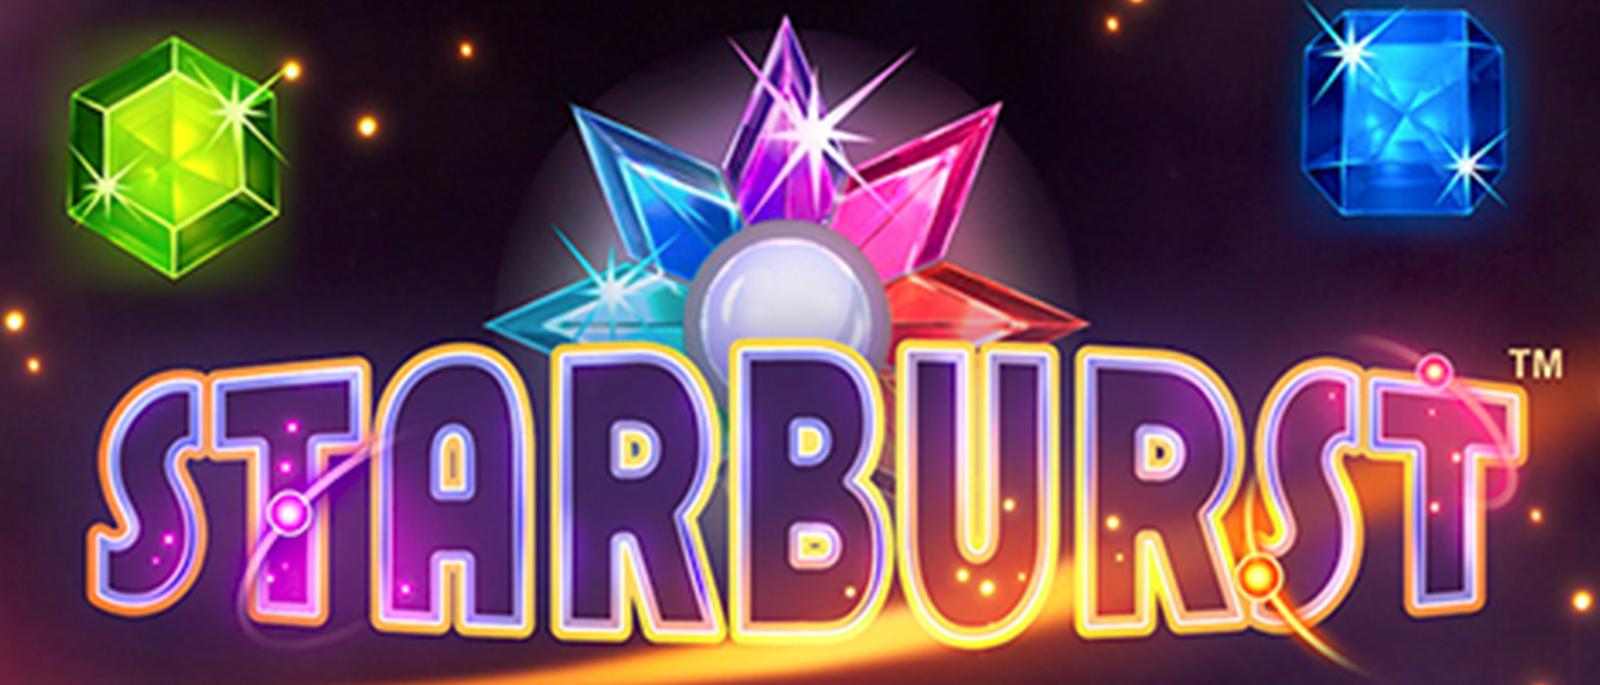 casino spielen online kostenlos starburts